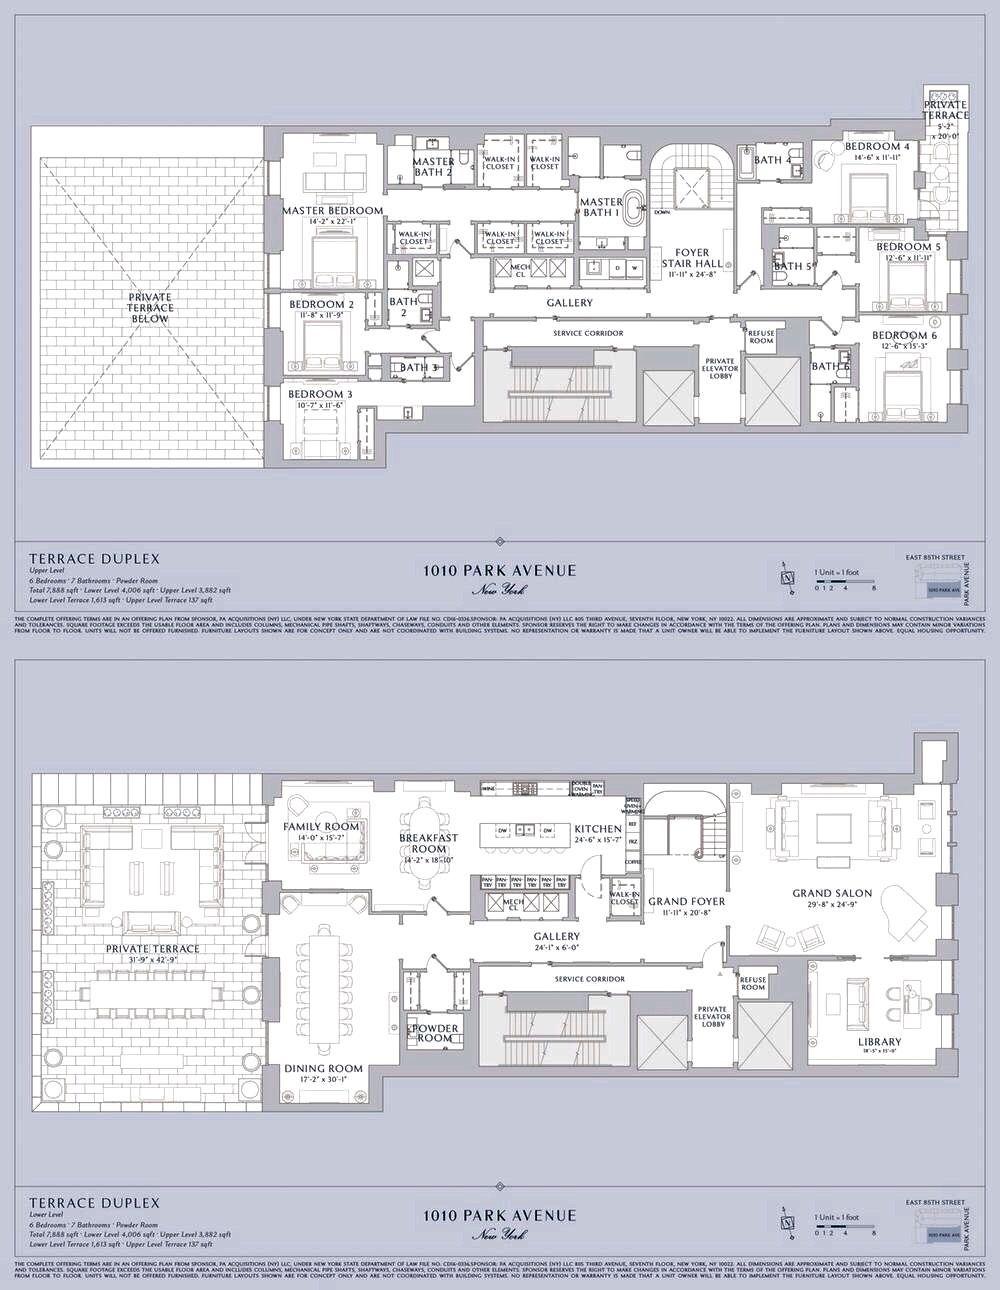 1010 Park Avenue The Terrace Duplex Asking 35 Million Duplex Floor Plans Model House Plan Apartment Floor Plans